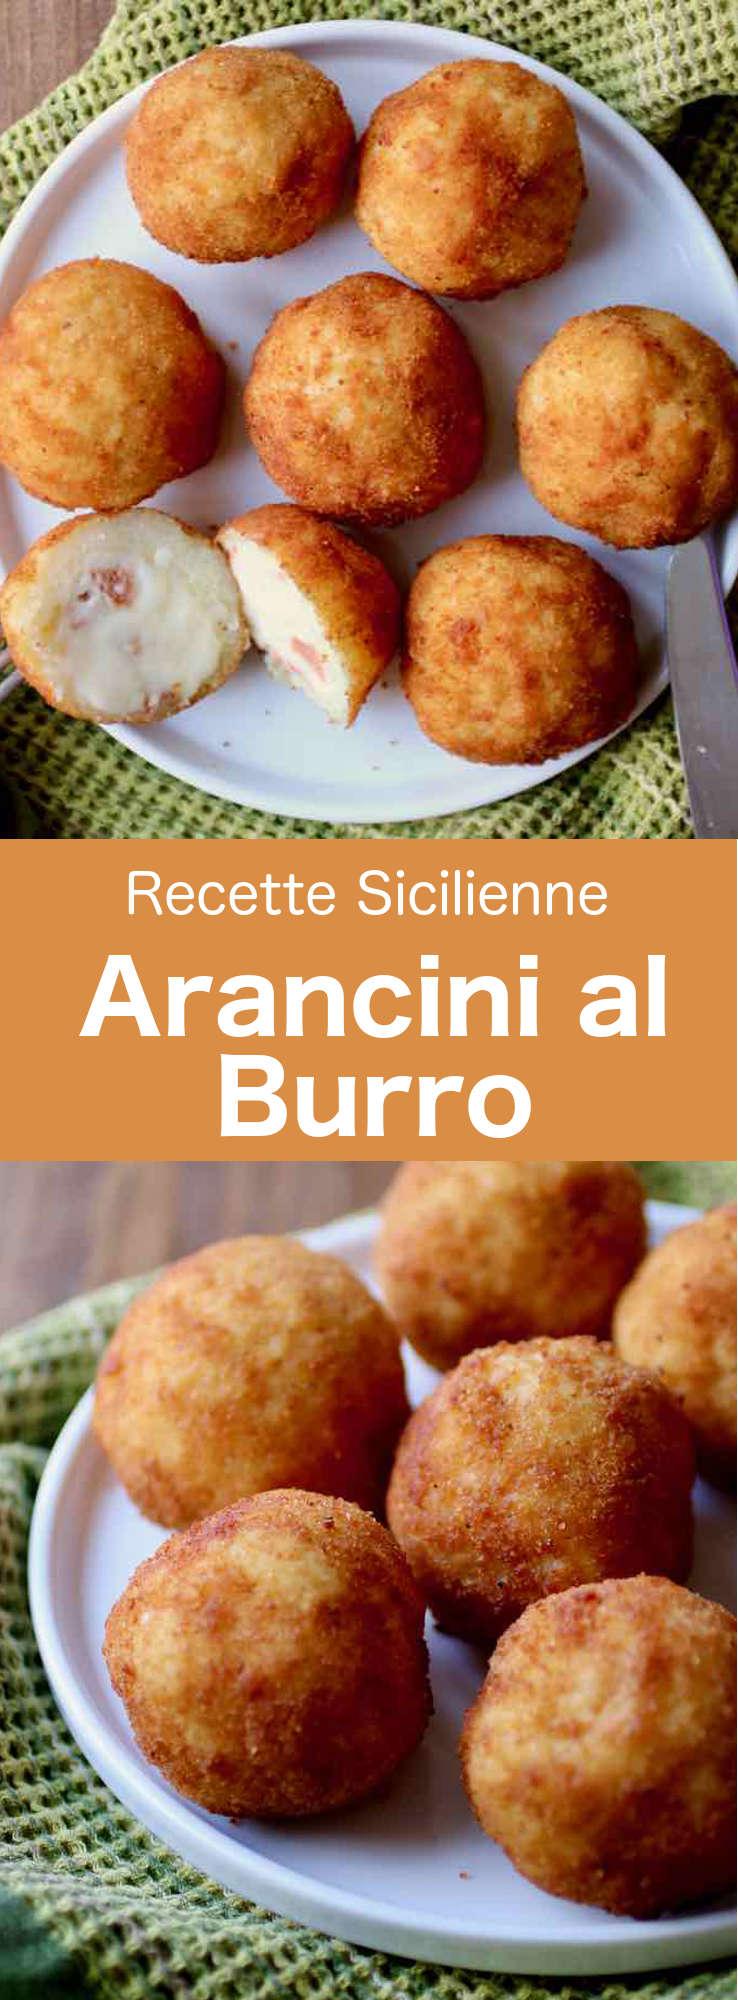 Les arancini al burro sont de délicieuses boulettes de riz siciliennes, fourrées au jambon et au fromage, qui sont légèrement panées avant d'être frites. #CuisineItalienne #CuisineSicilienne #RecetteItalienne #RecetteSicilienne #CuisineDuMonde #196flavors